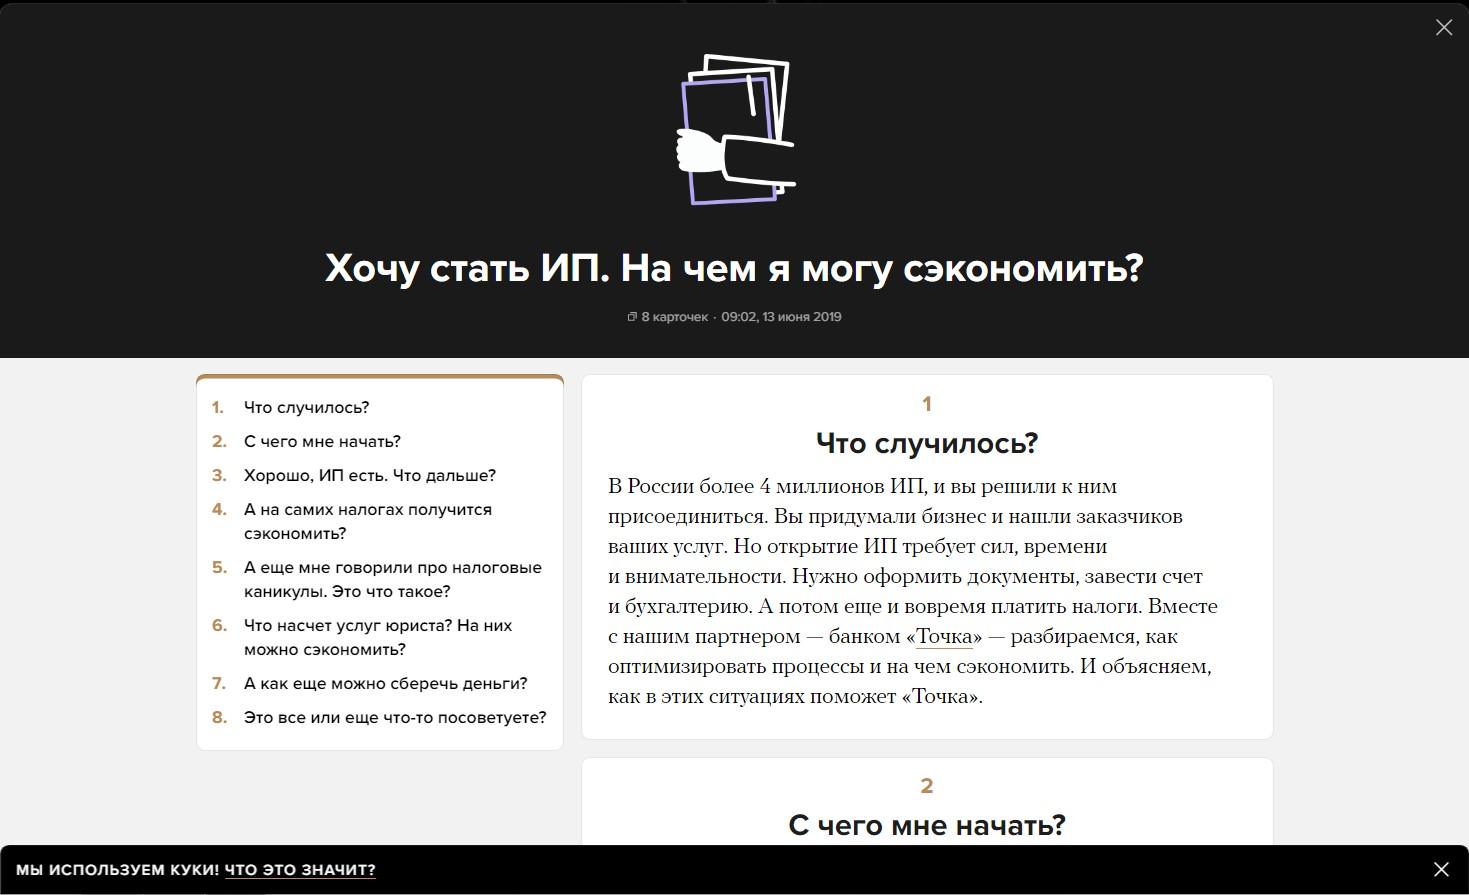 скриншот, разбор от интернет-издания Медуза